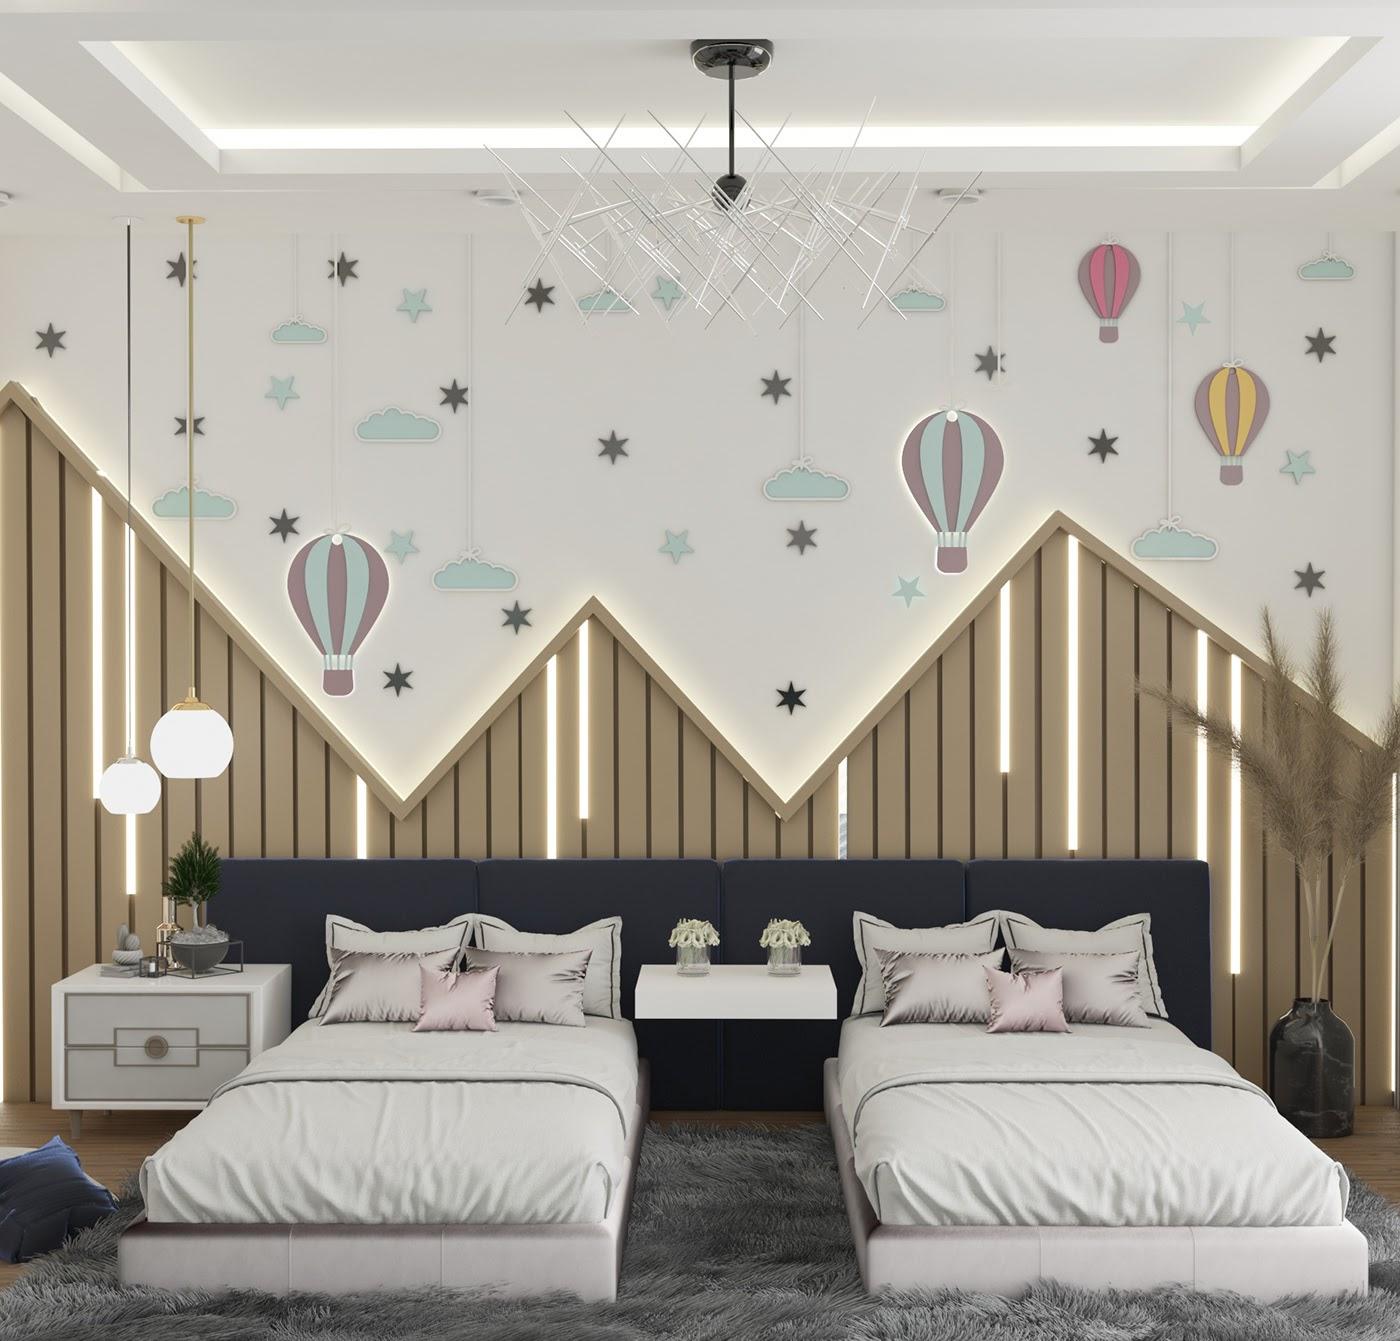 Đặt phòng ngủ 2 giường giúp tiết kiệm chi phí